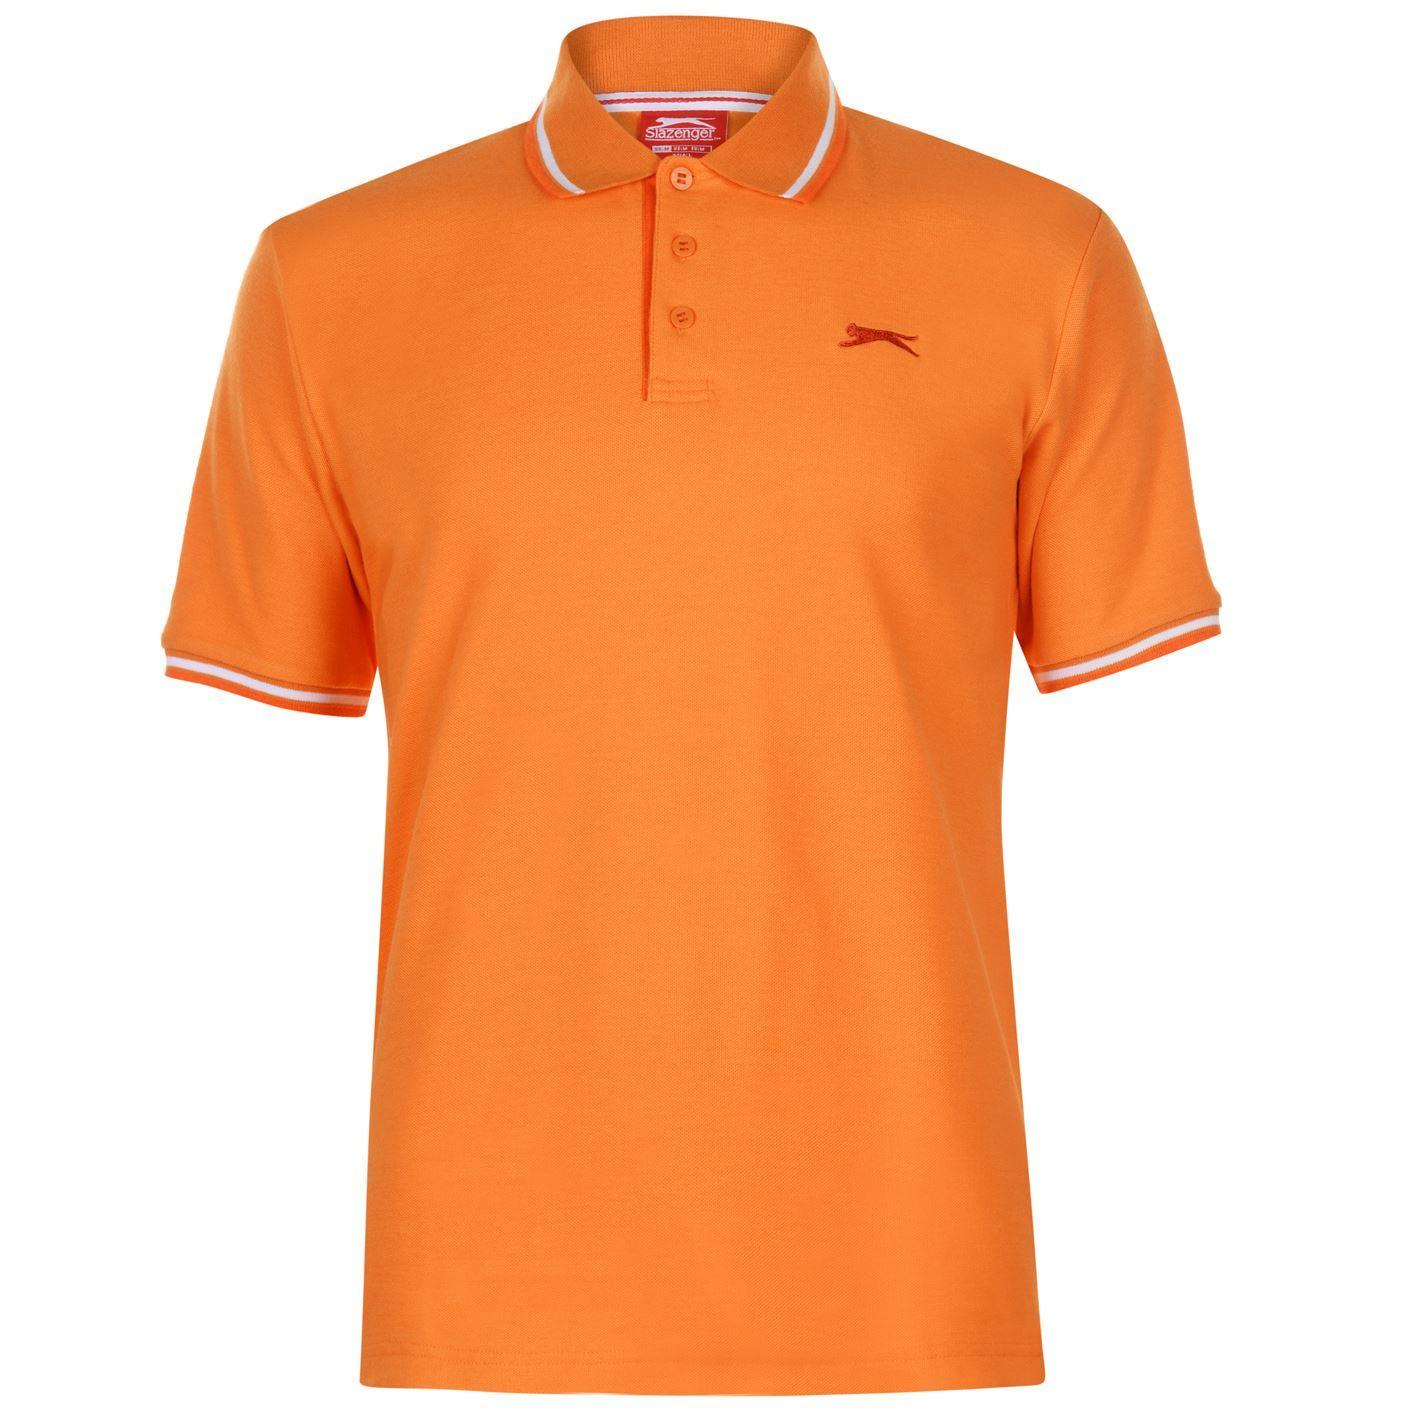 Slazenger-Polo-Camisa-de-hombre-con-cuello-con-Punta-T-Shirt-Top-Camiseta-Tee miniatura 74